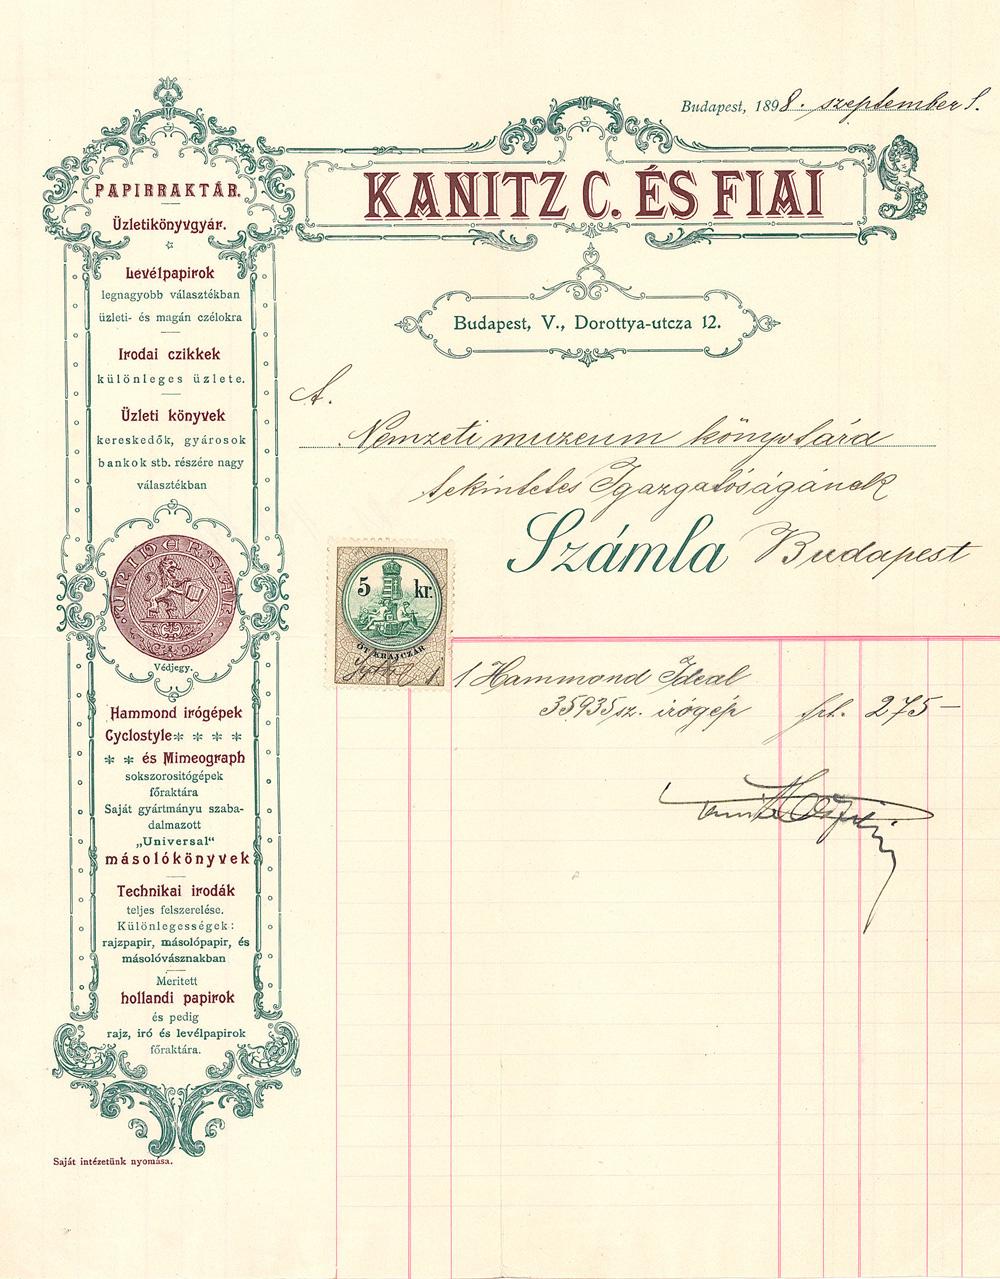 kanitz_szamla_szines18980620_nemzetikonyvtar.jpg